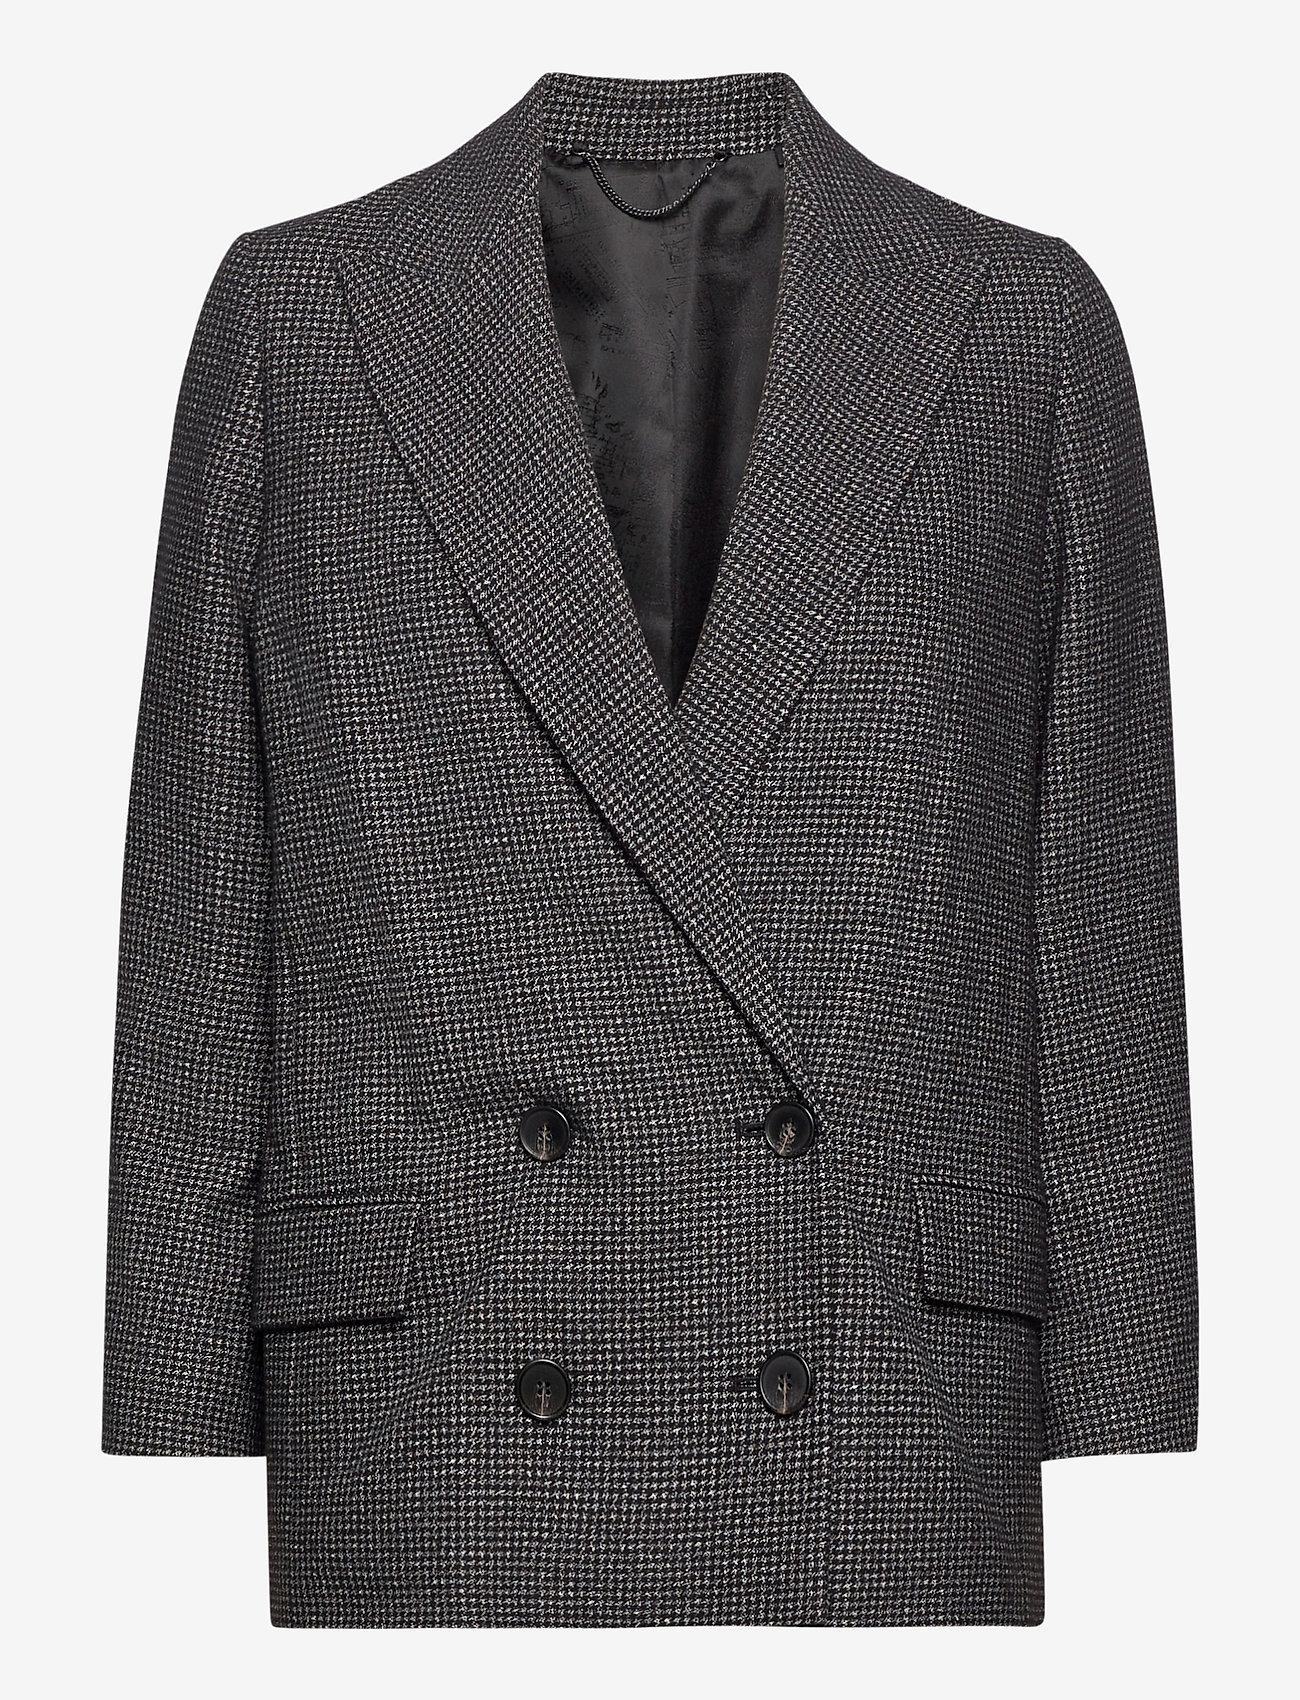 AllSaints - HELEI PUPPYTOOTH BLA - getailleerde blazers - black/white - 1